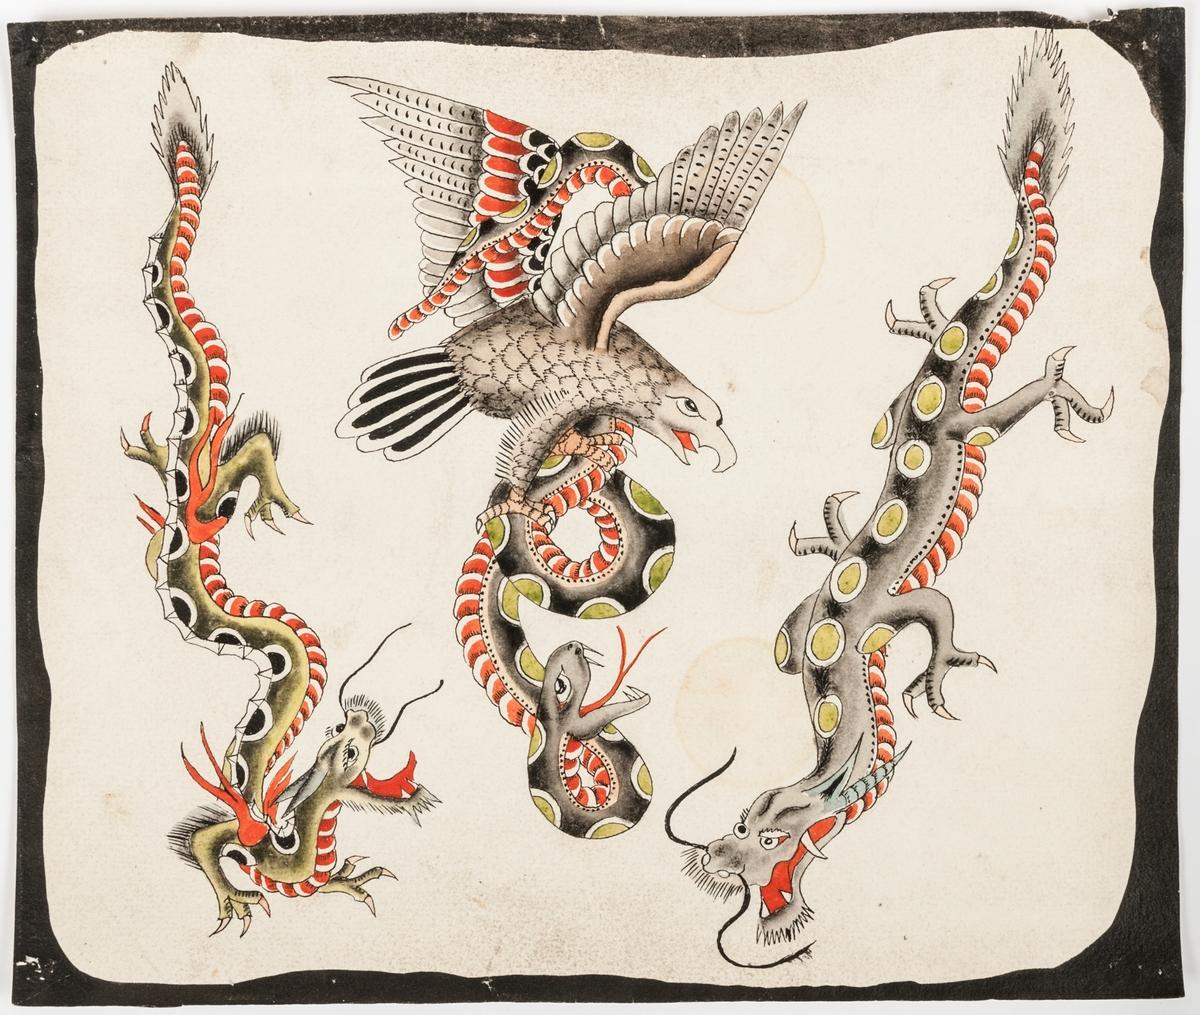 Tatueringsförlaga med mönster av ödlor, örn.  Storlek, med svart bård, 22x26 cm.